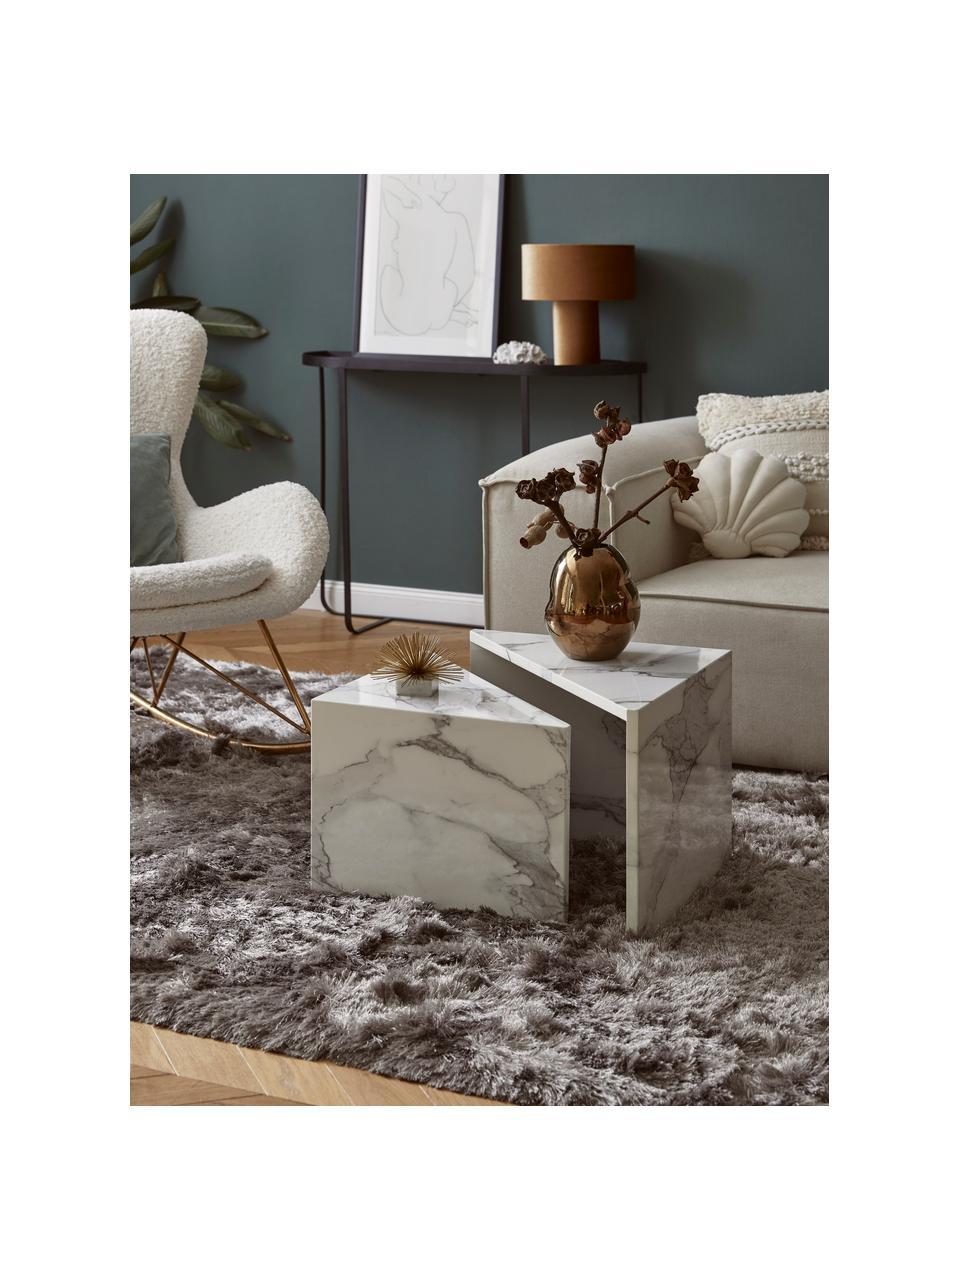 Couchtisch 2er-Set Vilma in Marmor-Optik, Mitteldichte Holzfaserplatte (MDF), mit lackbeschichtetem Papier in Marmoroptik überzogen, Weiß marmoriert, glänzend, Sondergrößen